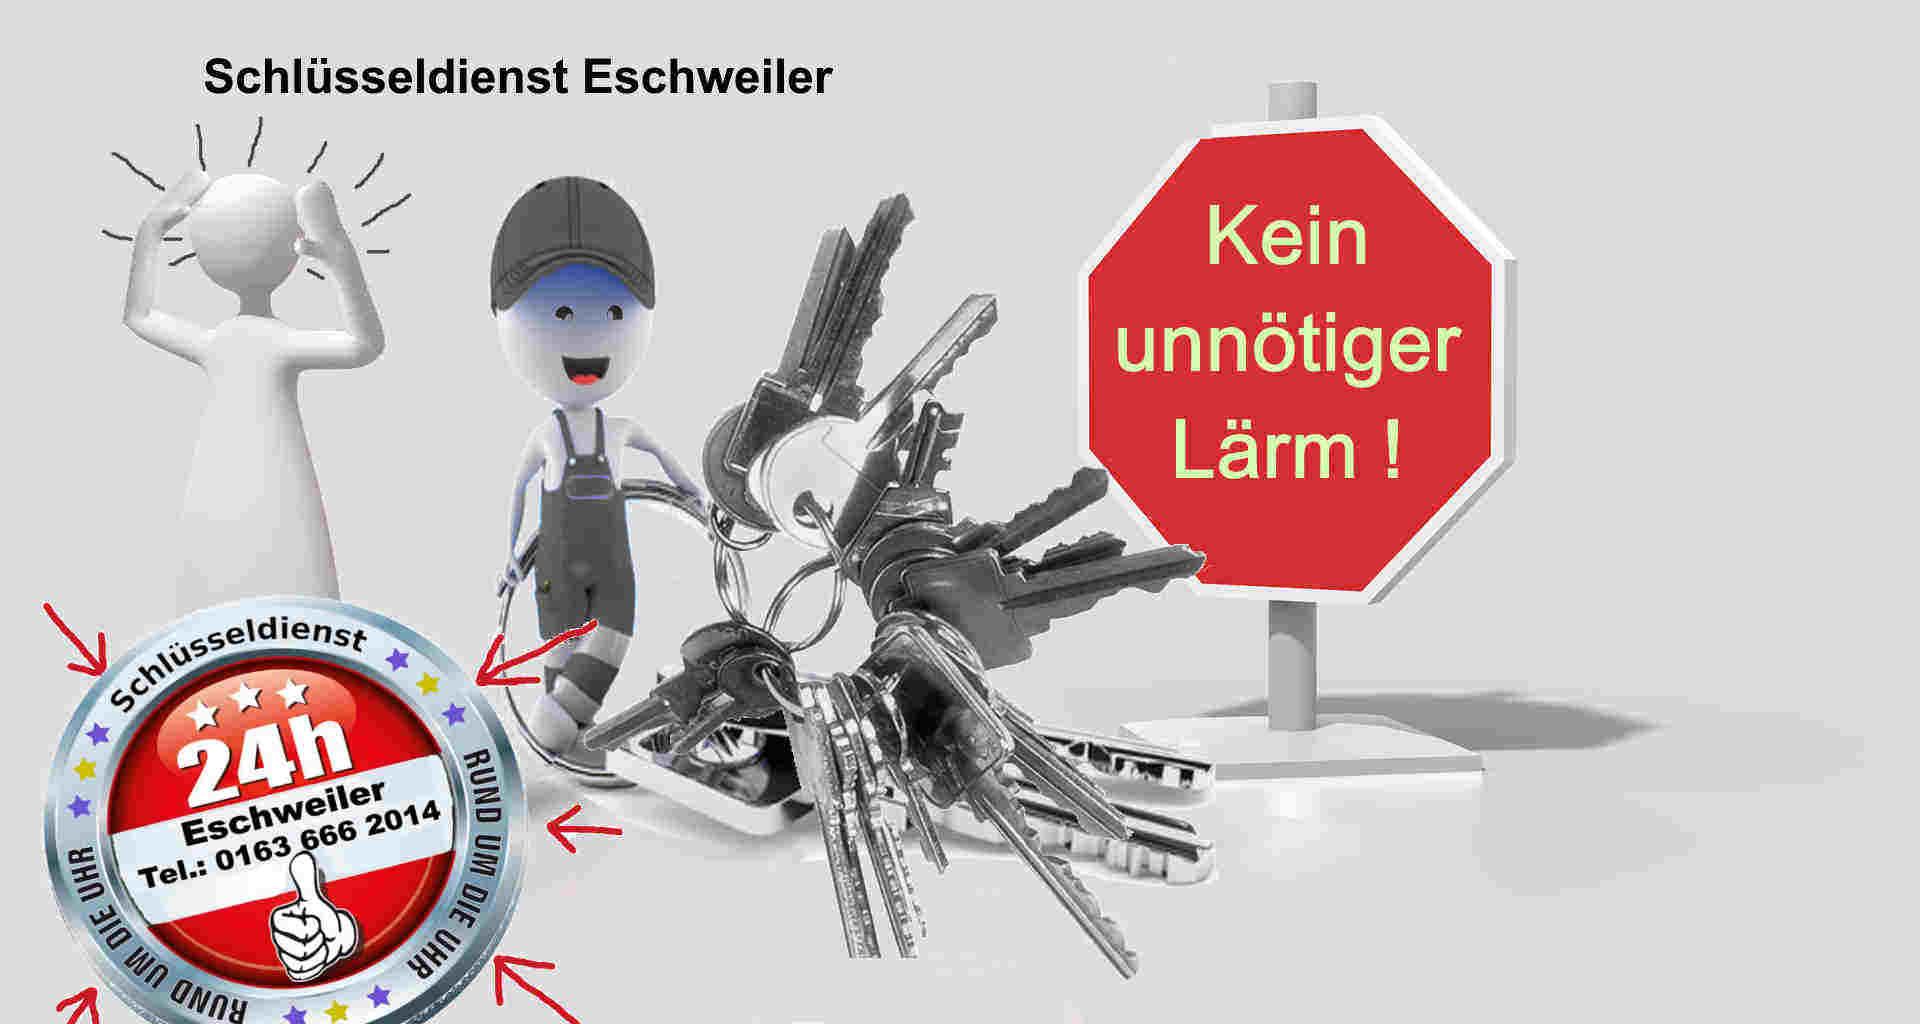 Schlüsseldienst Eschweiler - Tür öffnen fast lautlos - Es geht auch anders !